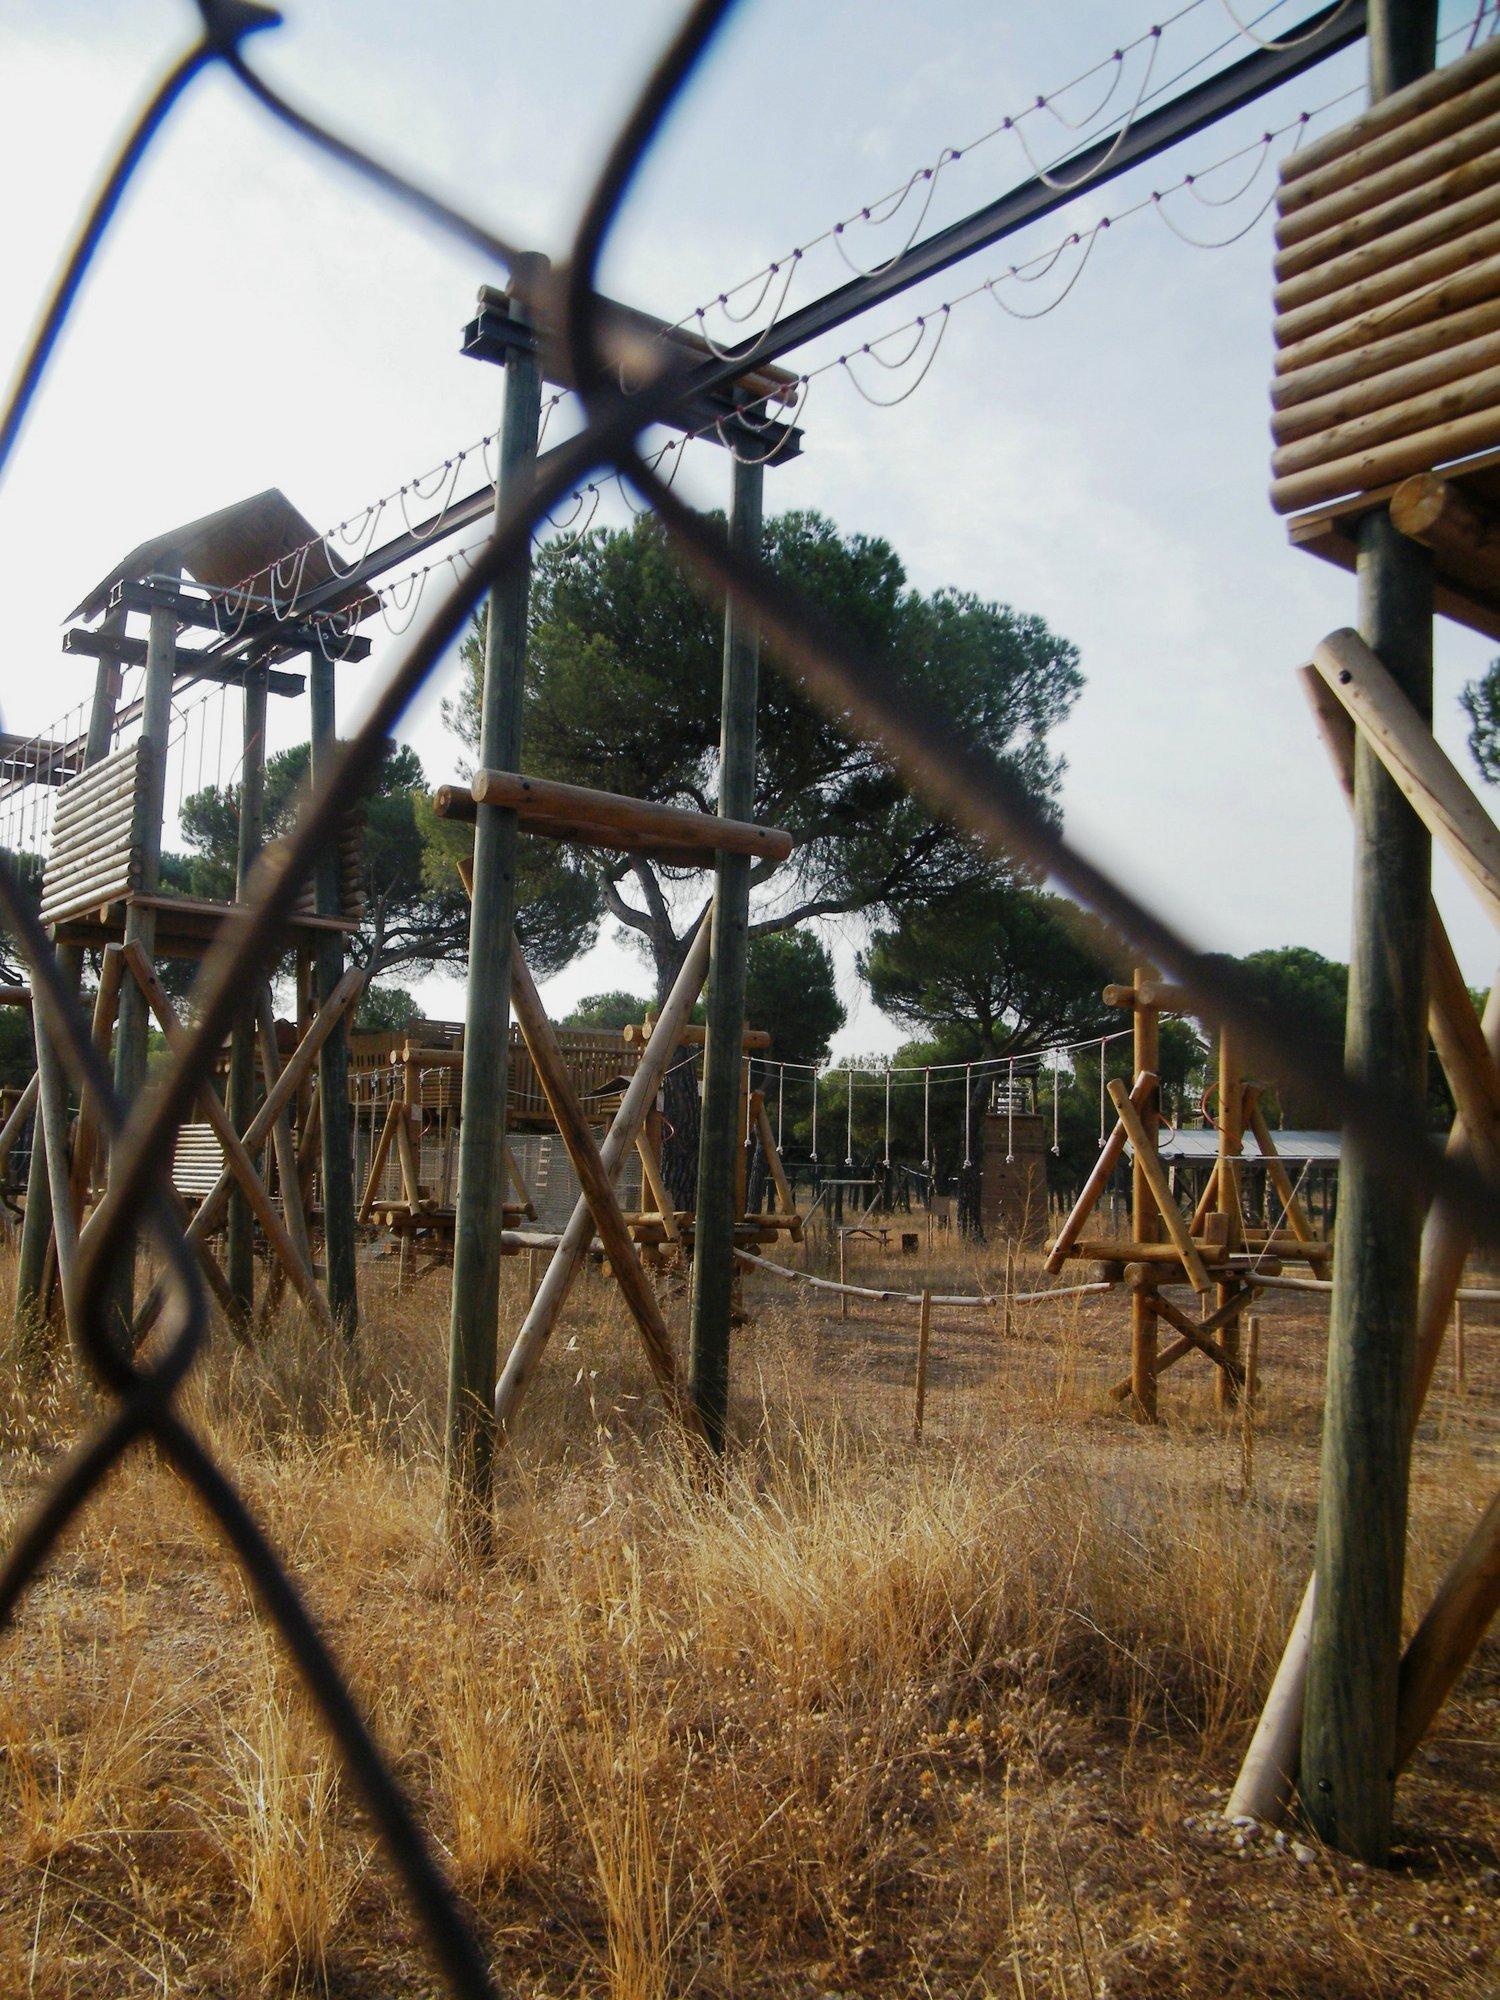 IU de Valladolid cree necesario replantear el convenio de Talleres del Pinar por el cambio en las circunstancias